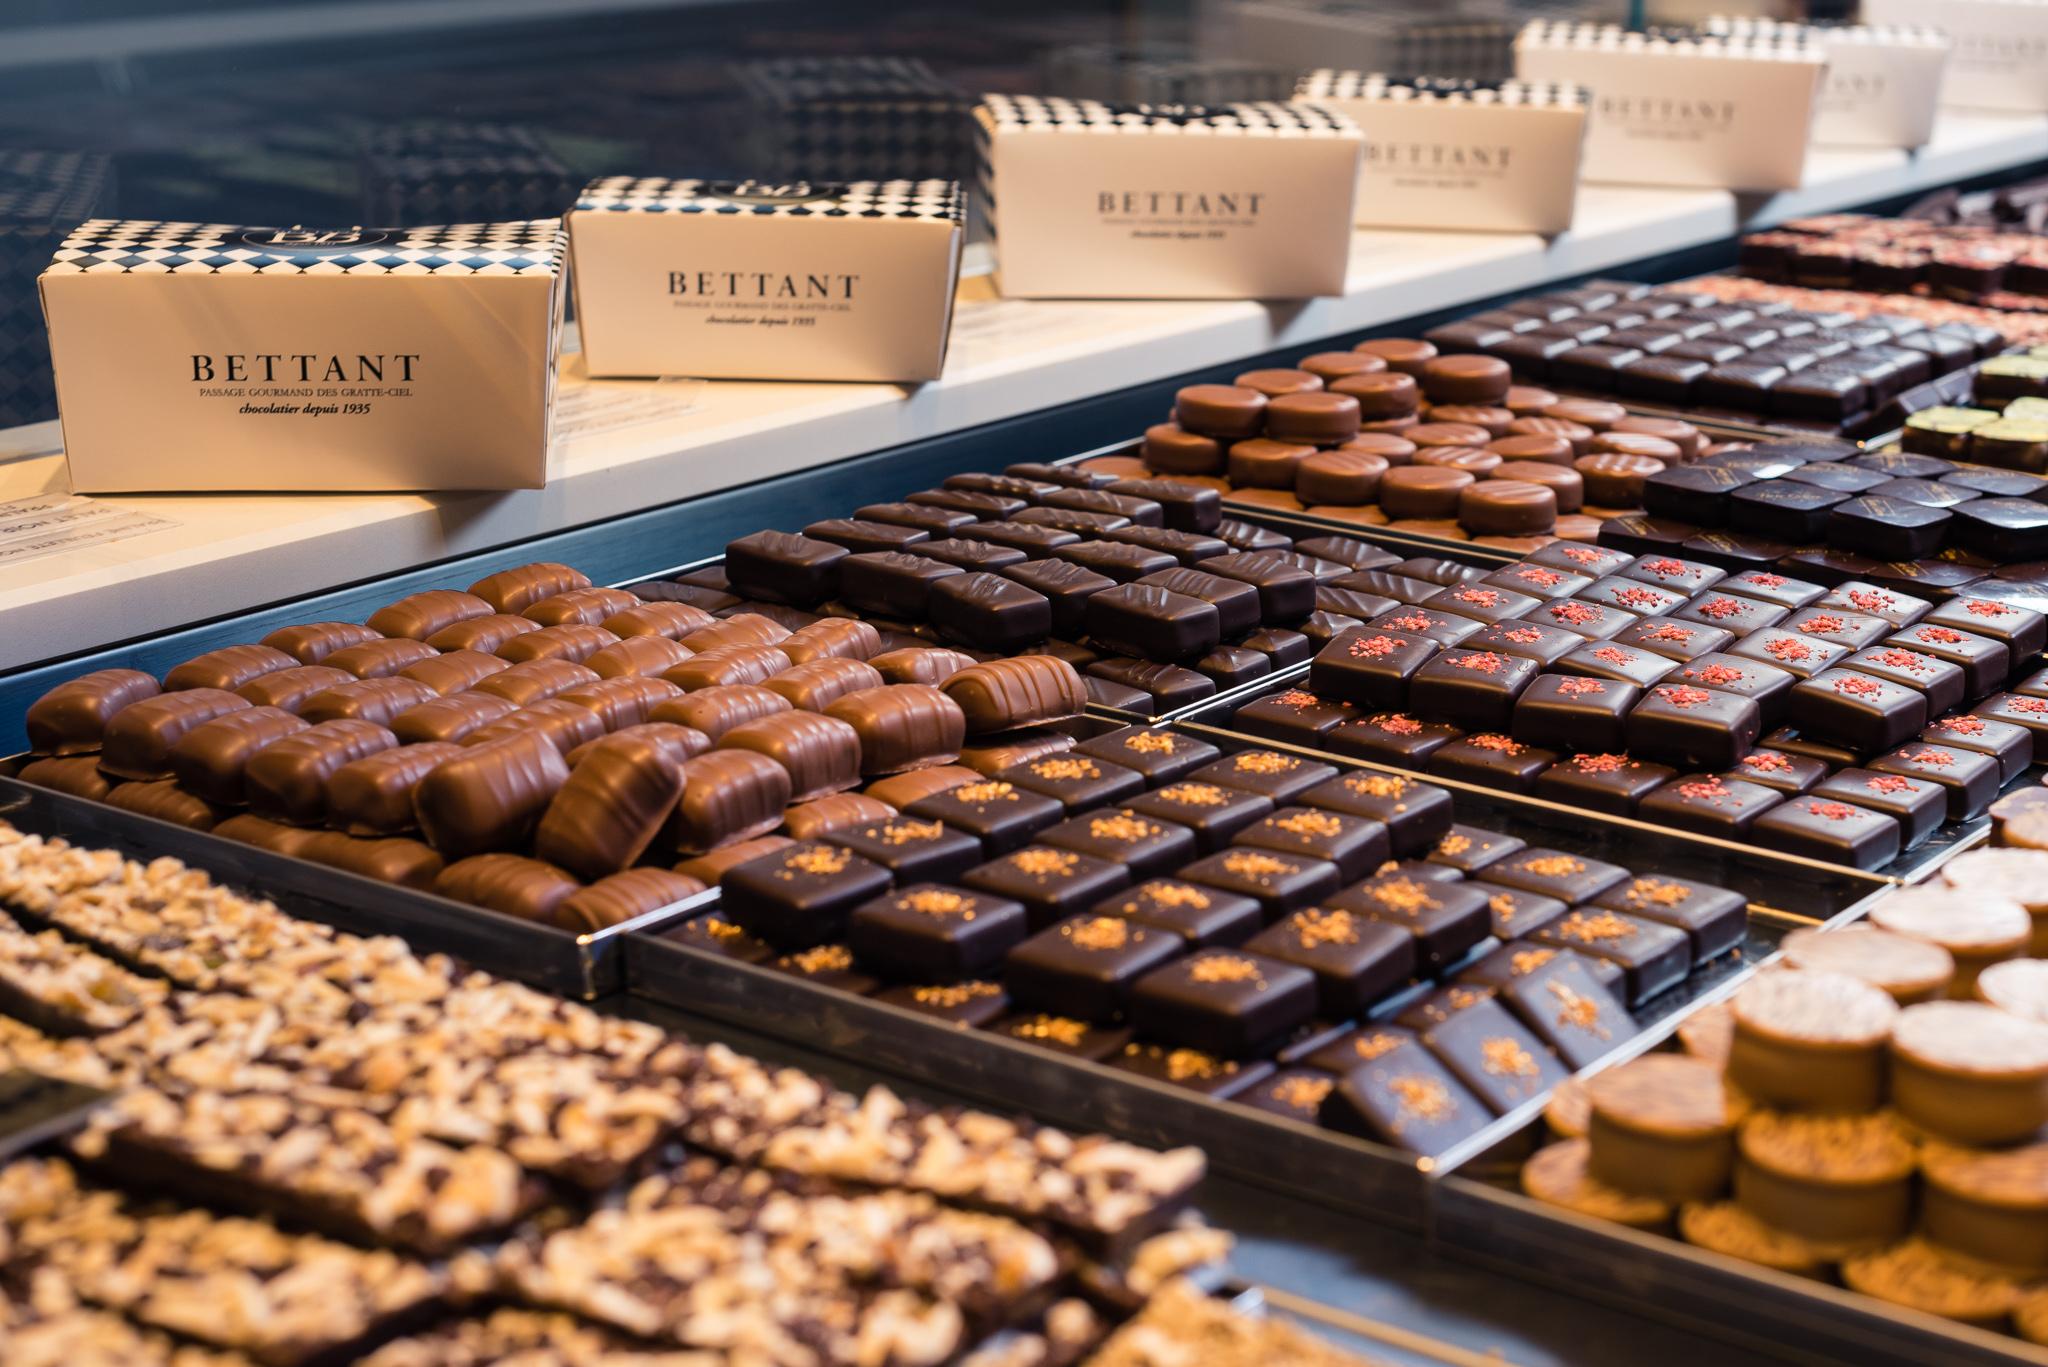 Chocolats maison en vitrine, Maison Bettant chocolatier à Villeurbanne